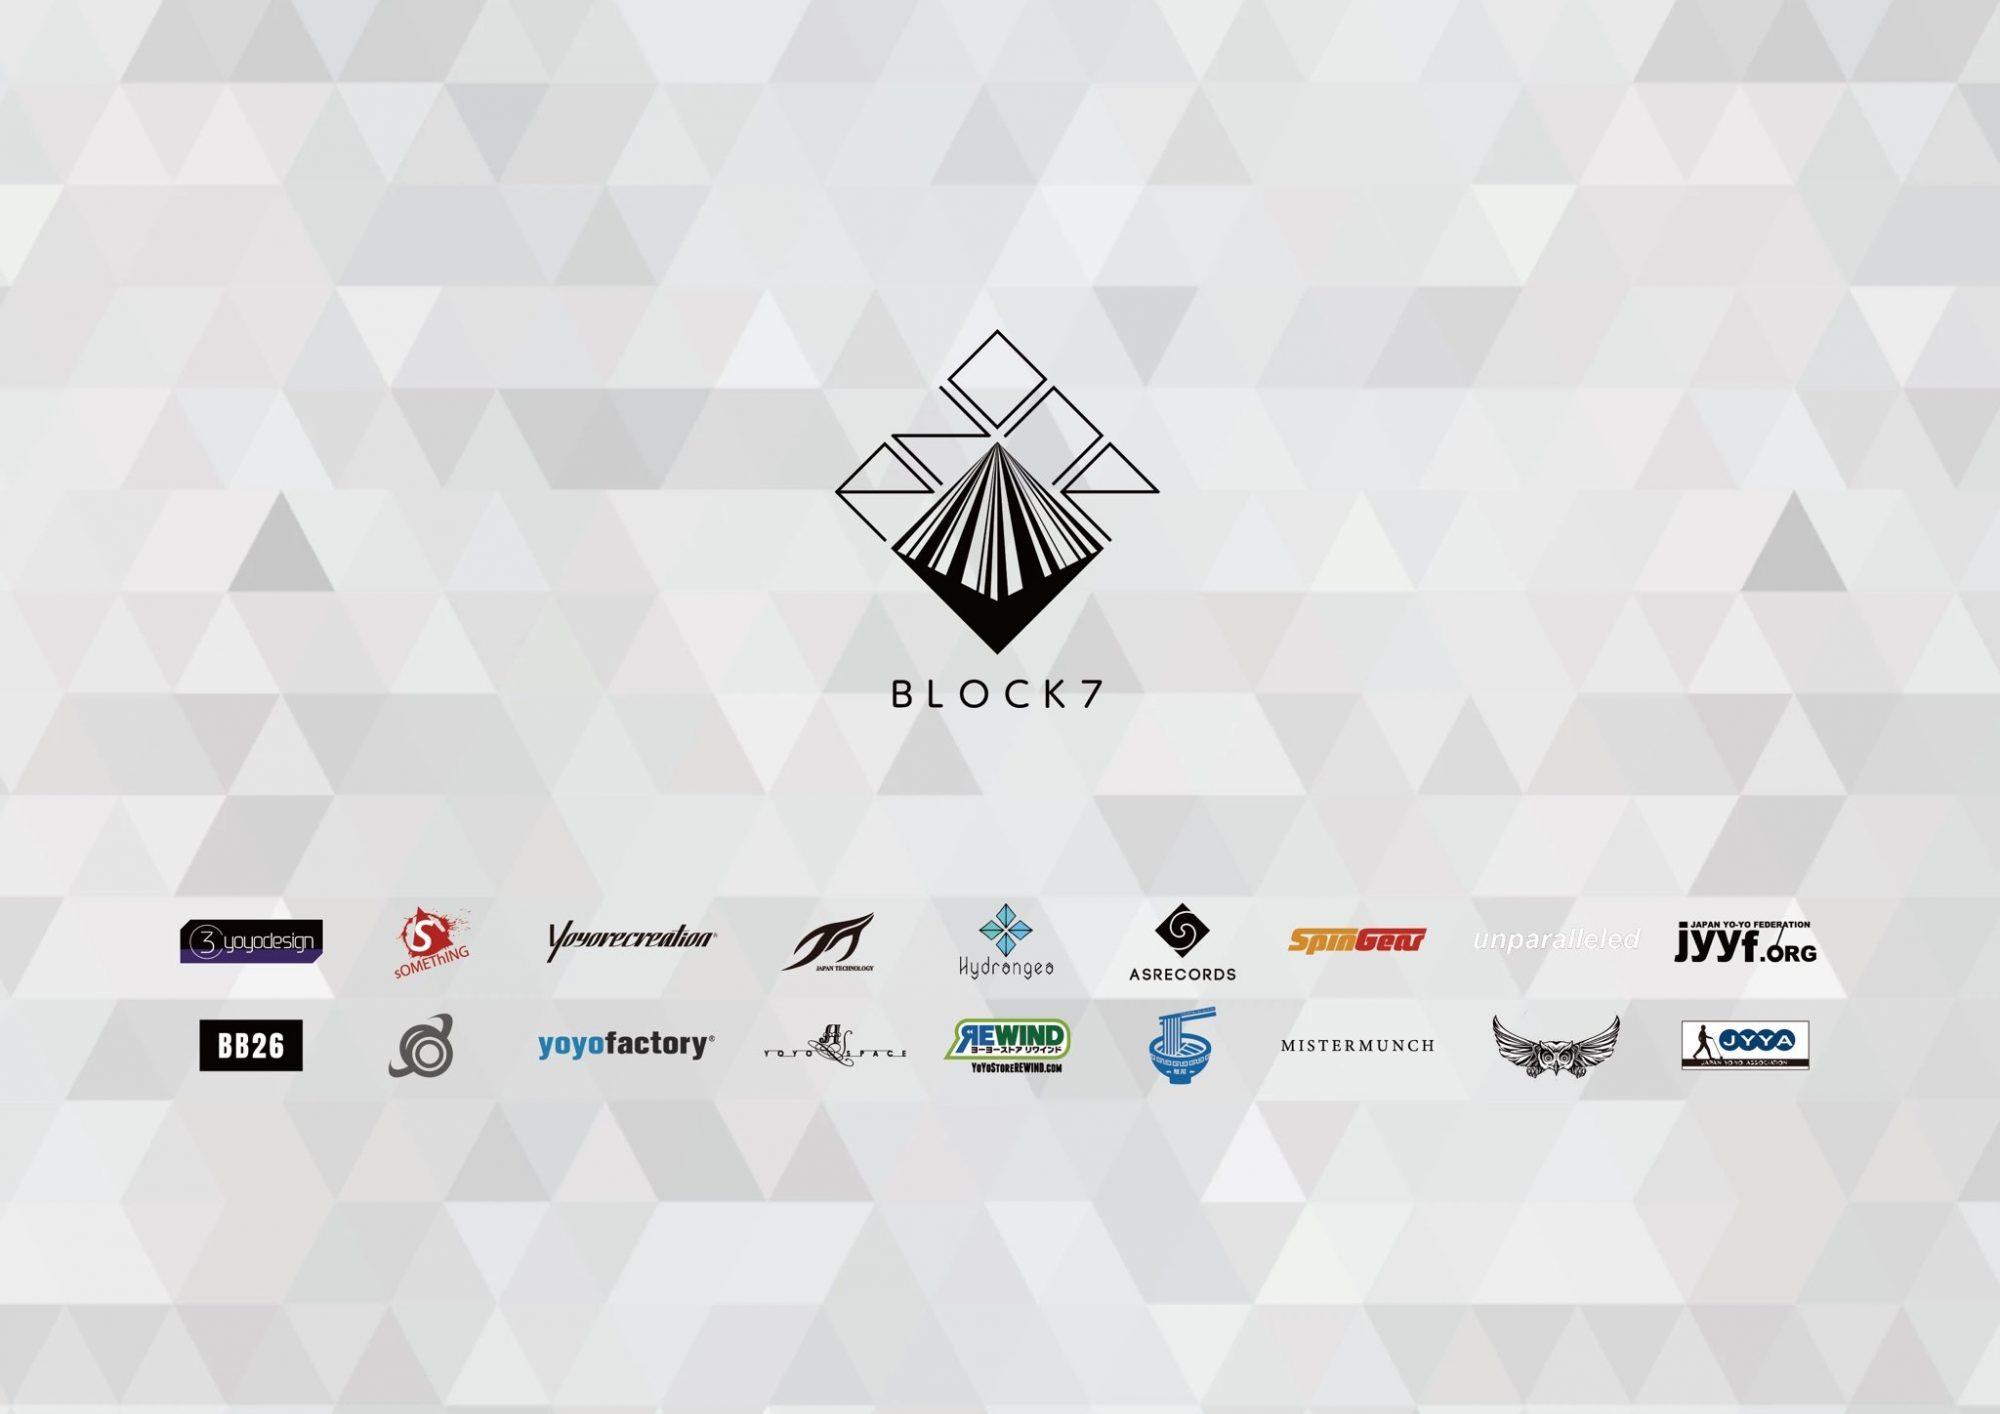 11/22(日)開催のイベント『EZONE BLOCK7』を #JYYCIO がサポート!